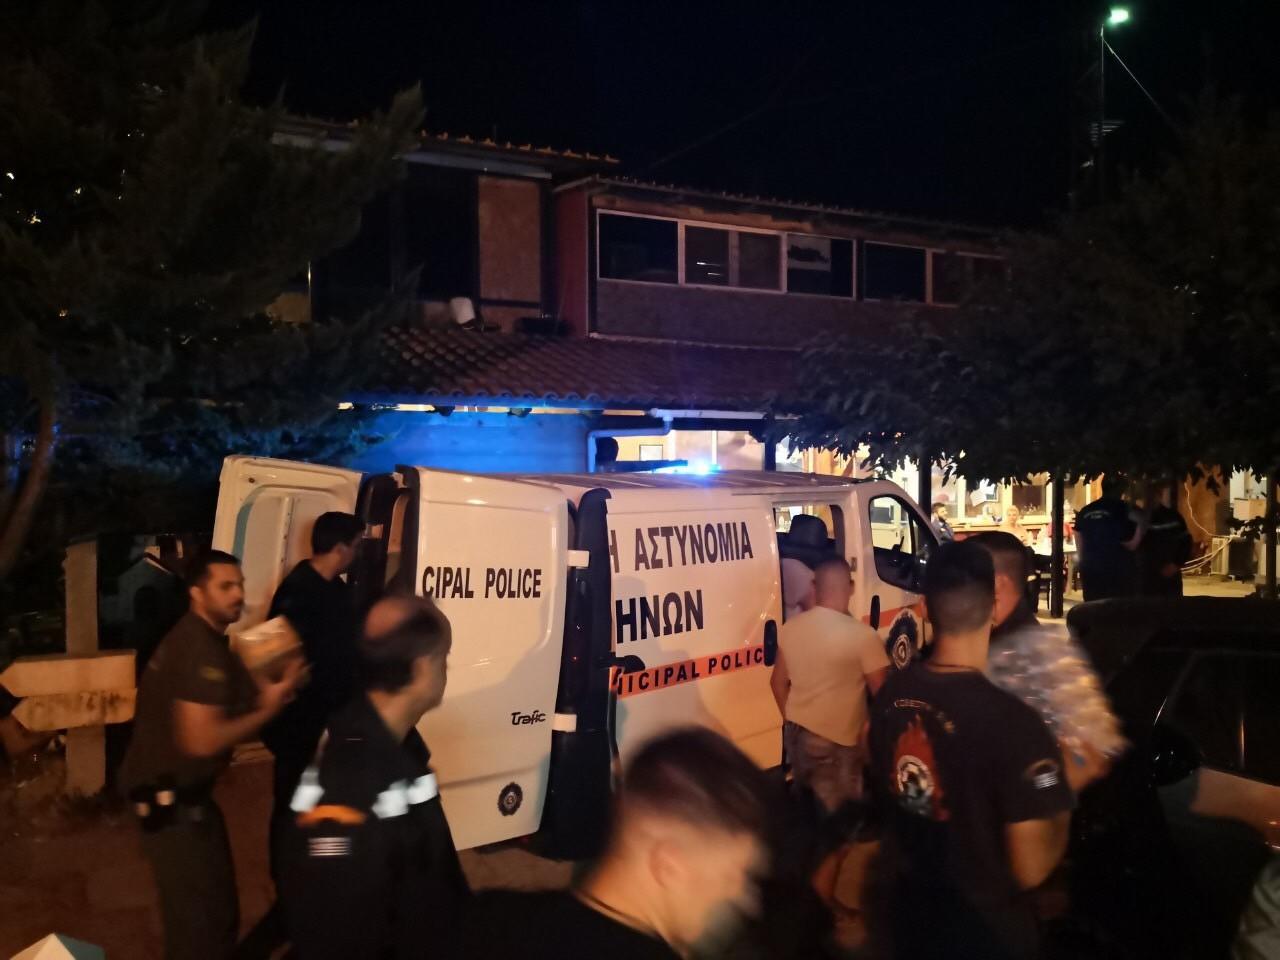 δημοτική αστυνομια